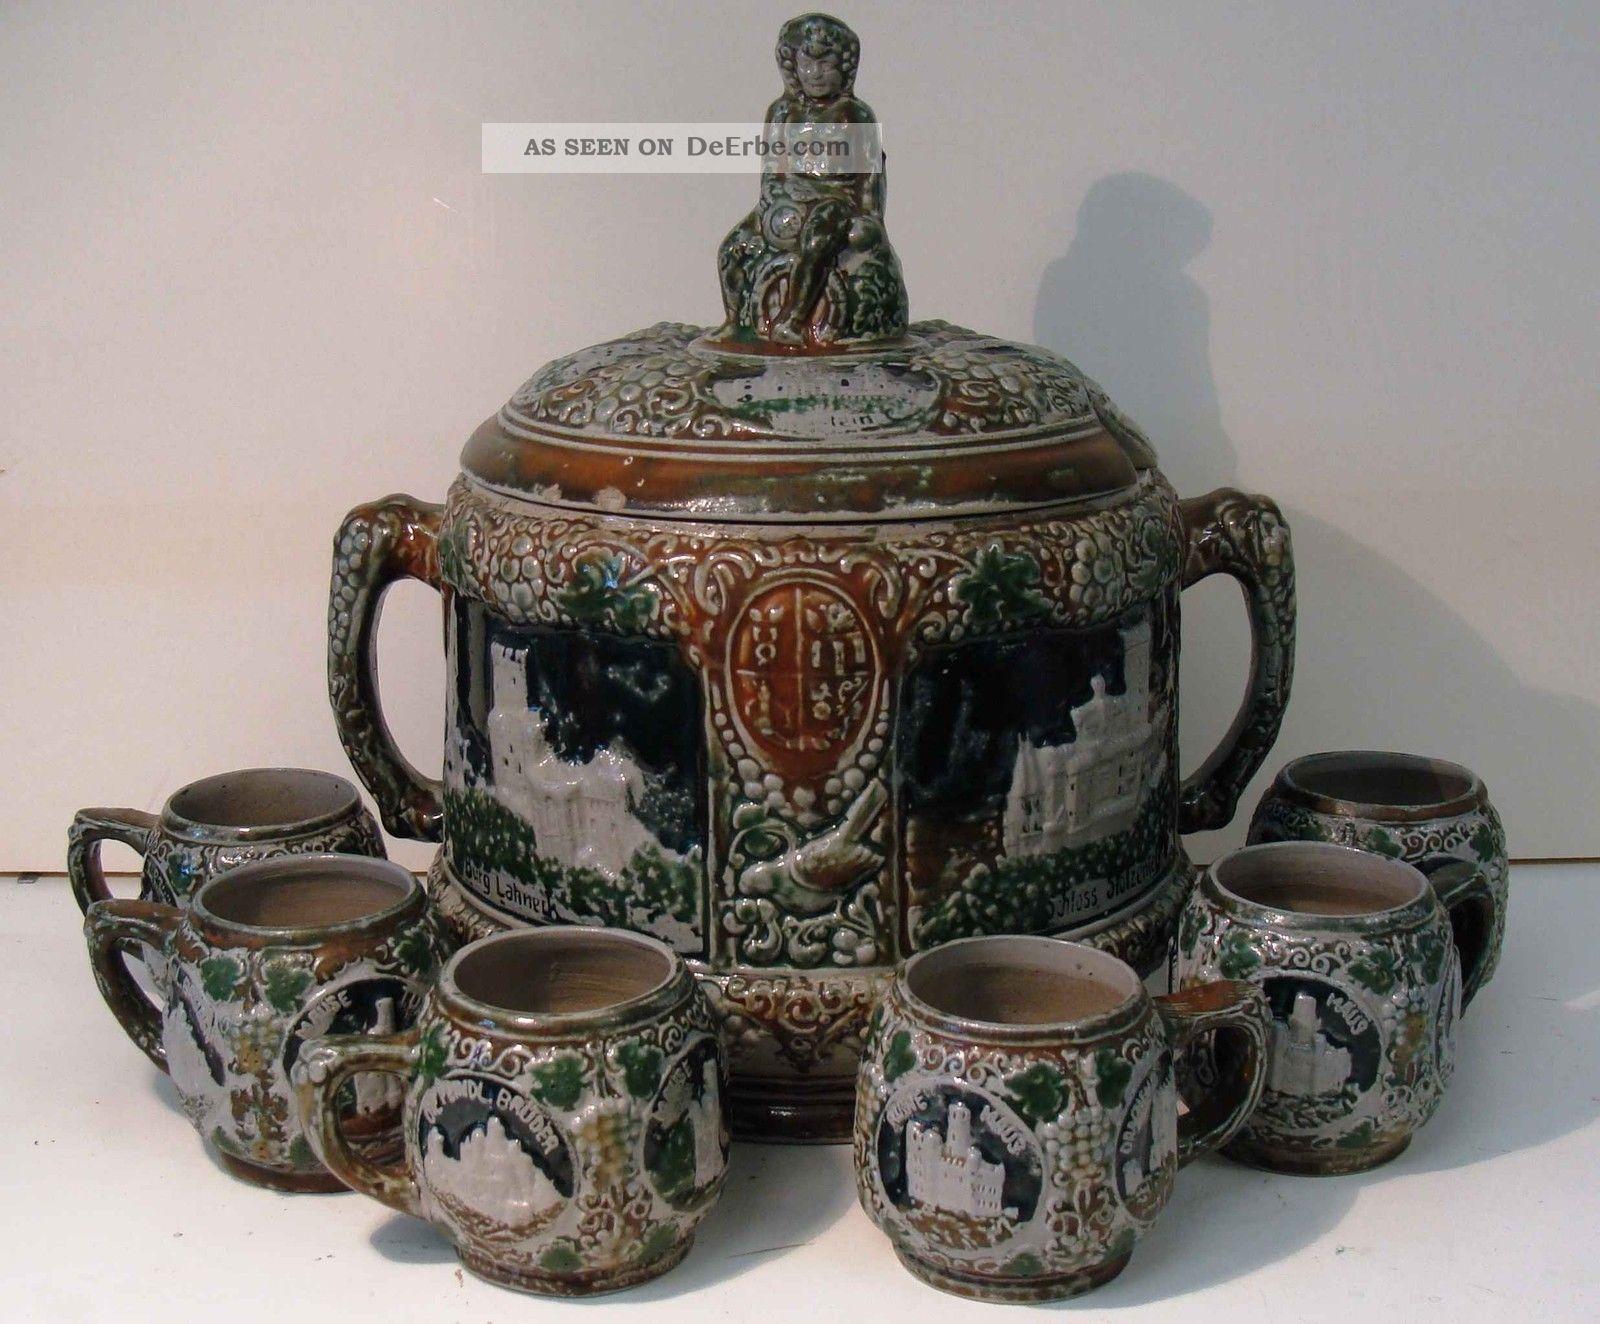 Steinzeug Steingut porzellan keramik keramik nach marke herkunft rheinisches